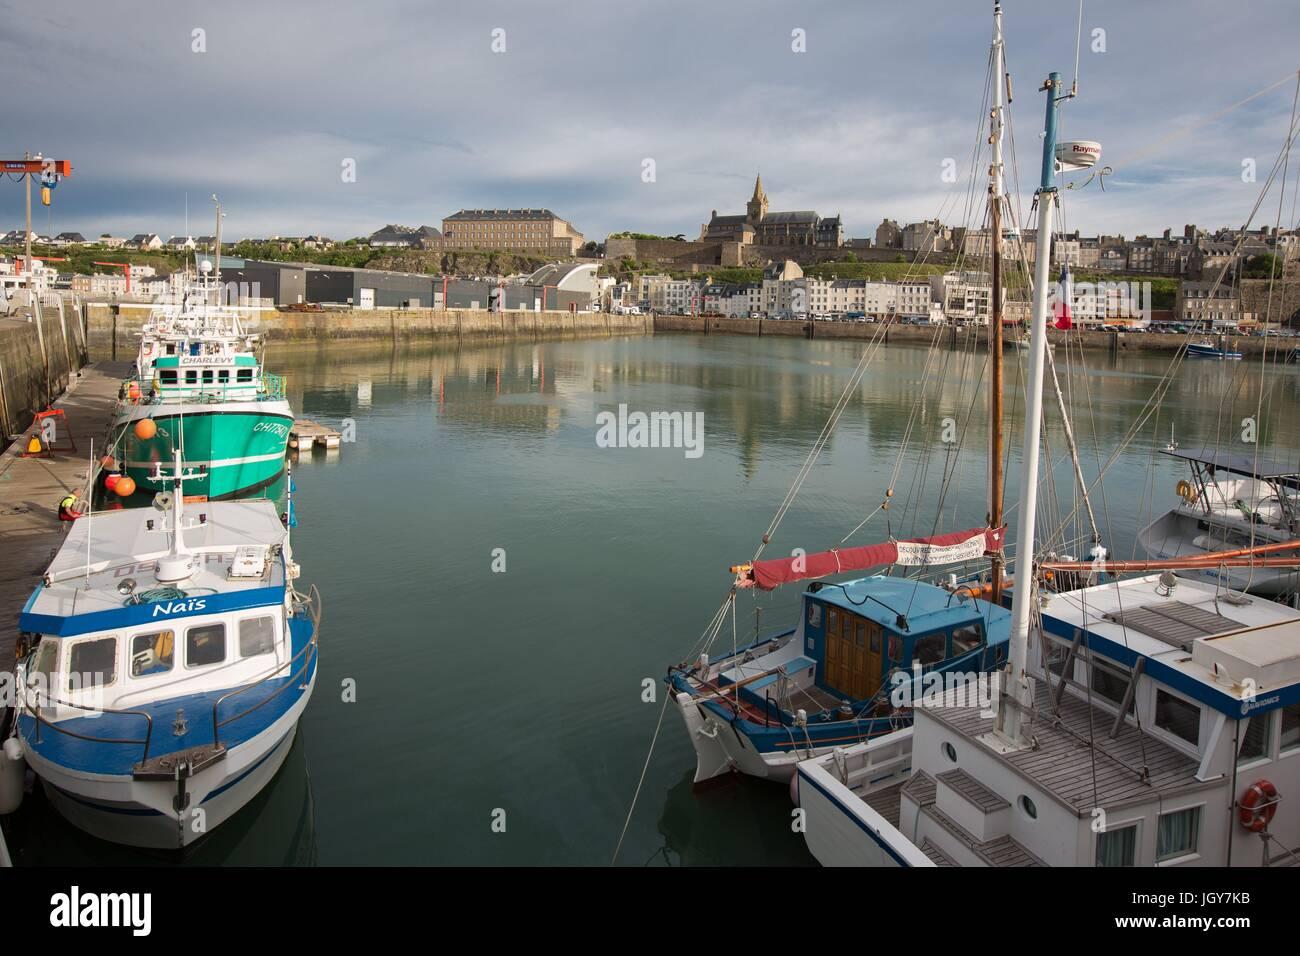 Frankreich, Région Normandie (Ancienne Basse Normandie), Manche, Baie du Mont Saint-Michel, Granville, Port de Pêche, Stockfoto